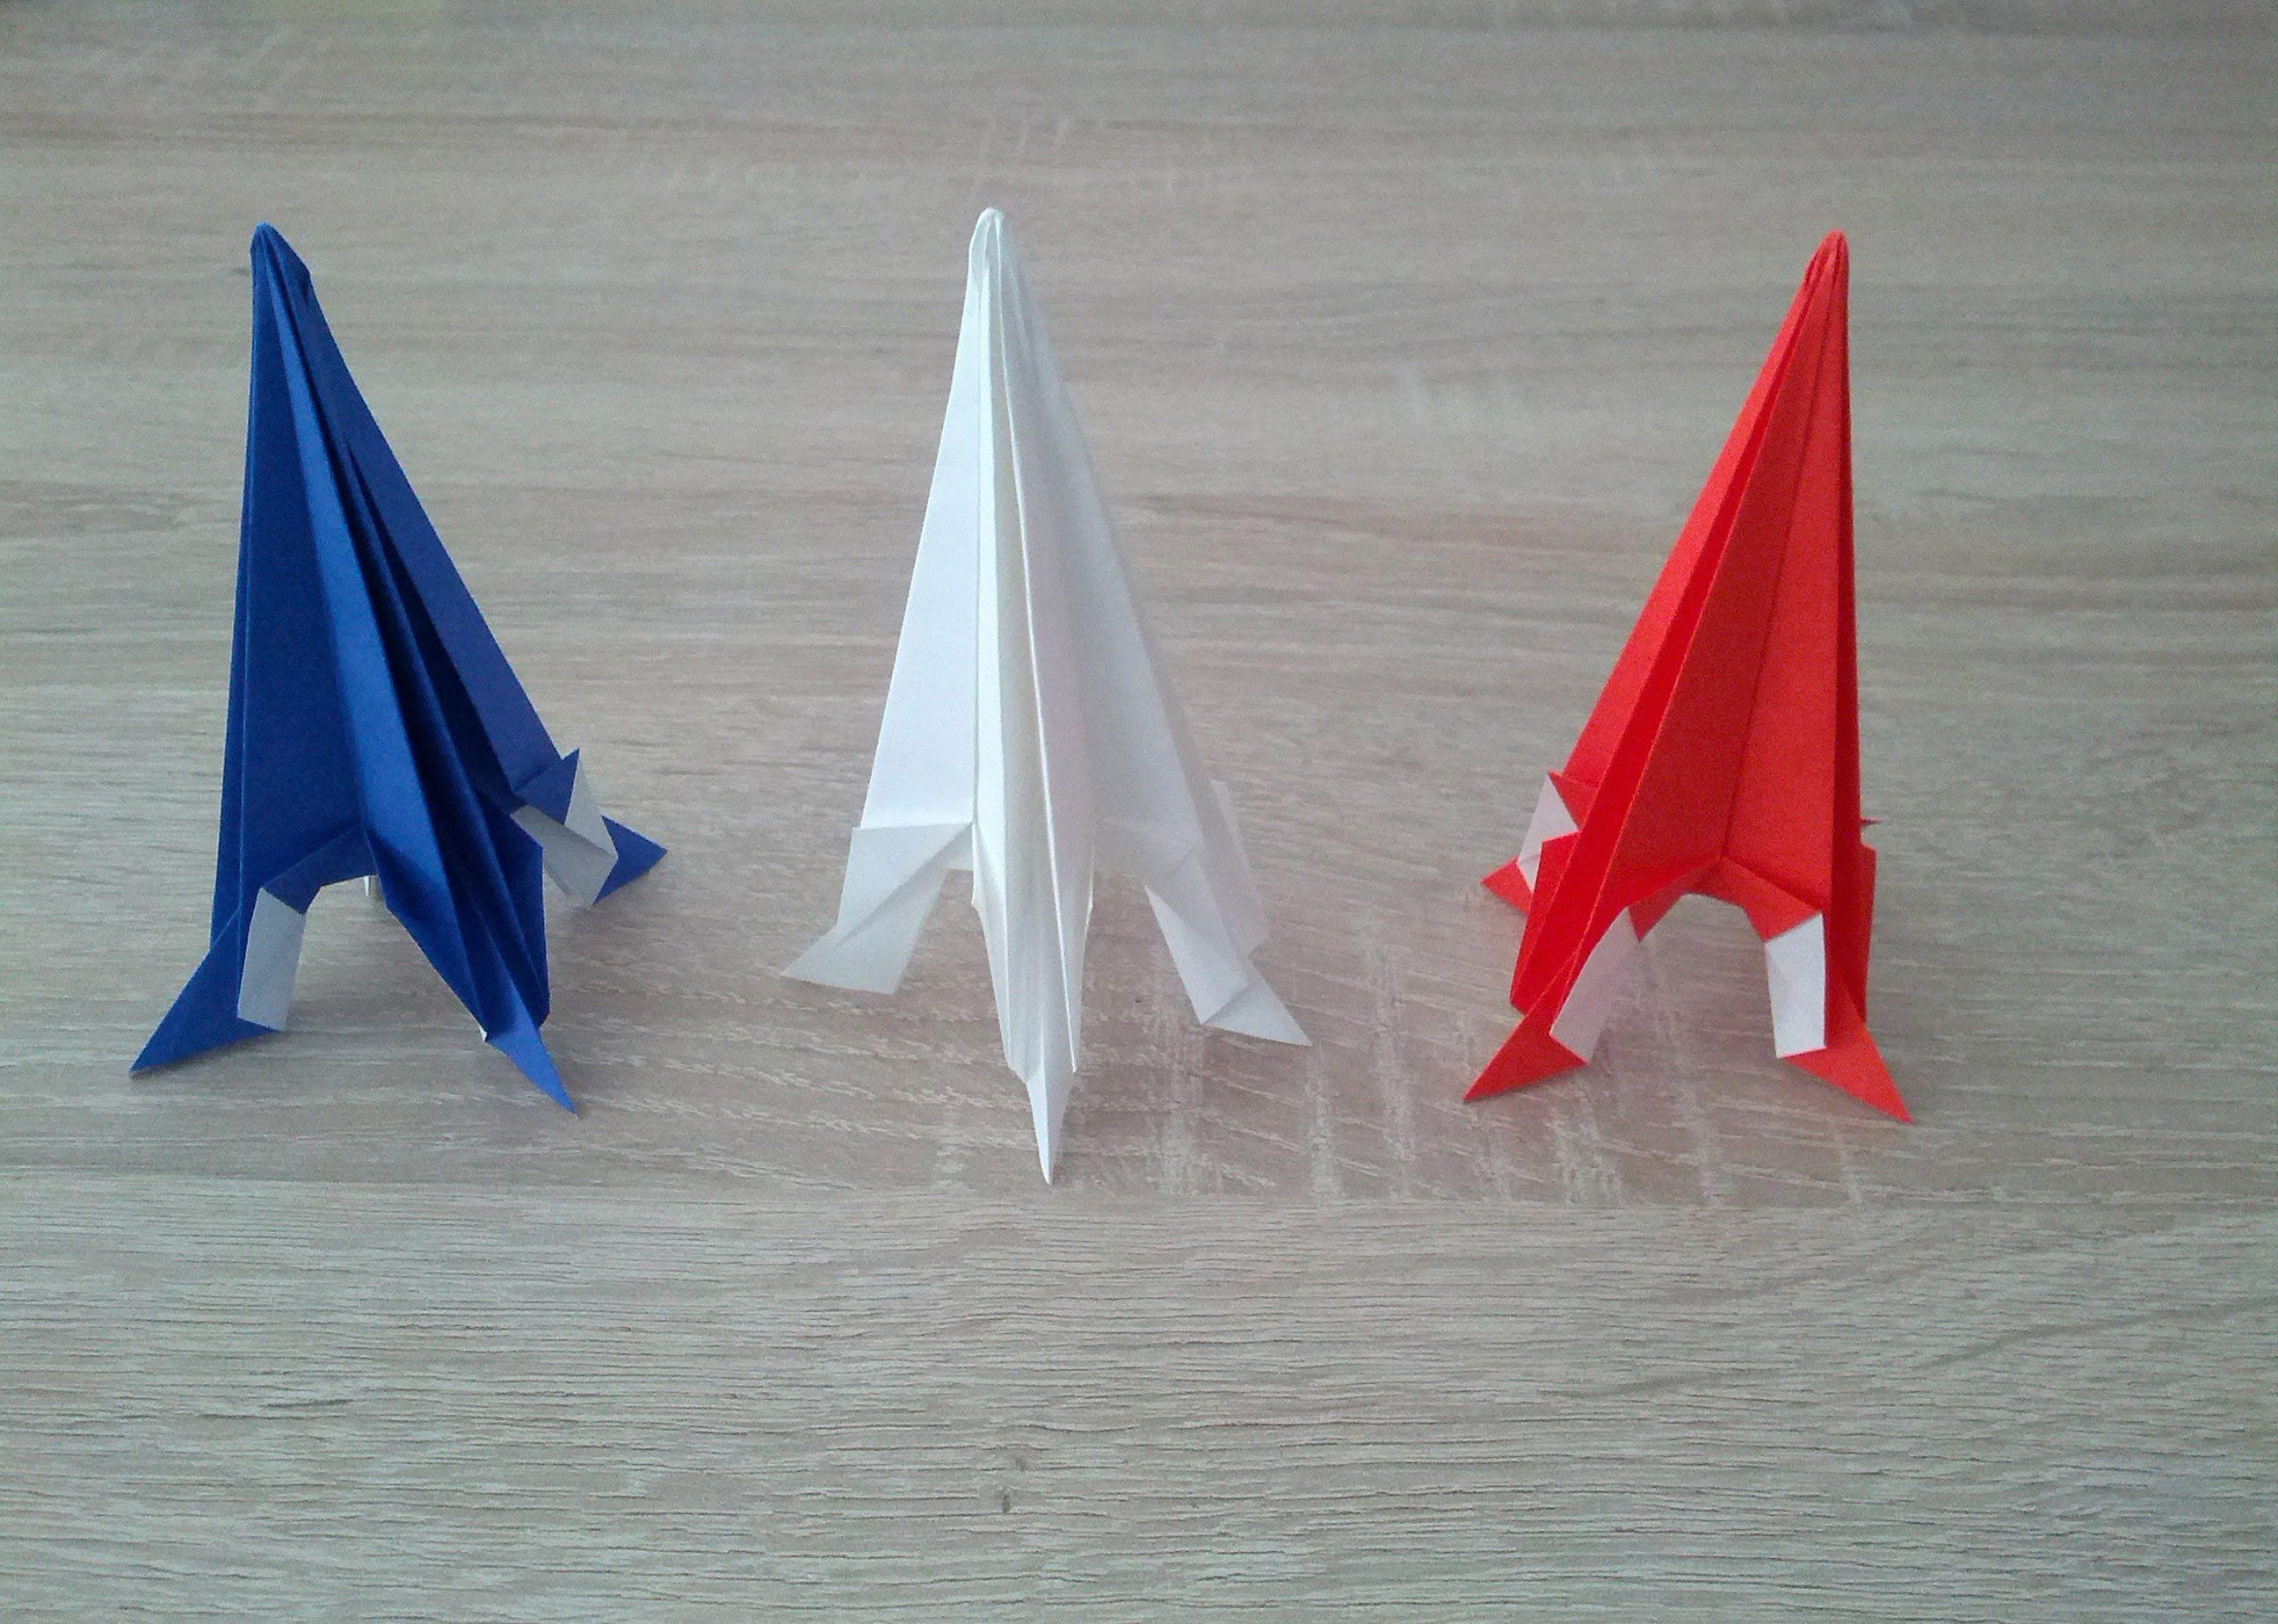 ptitjacques dec p35 | 七夕飾り, 折り紙 作り方, 折り紙 | 1848x2592